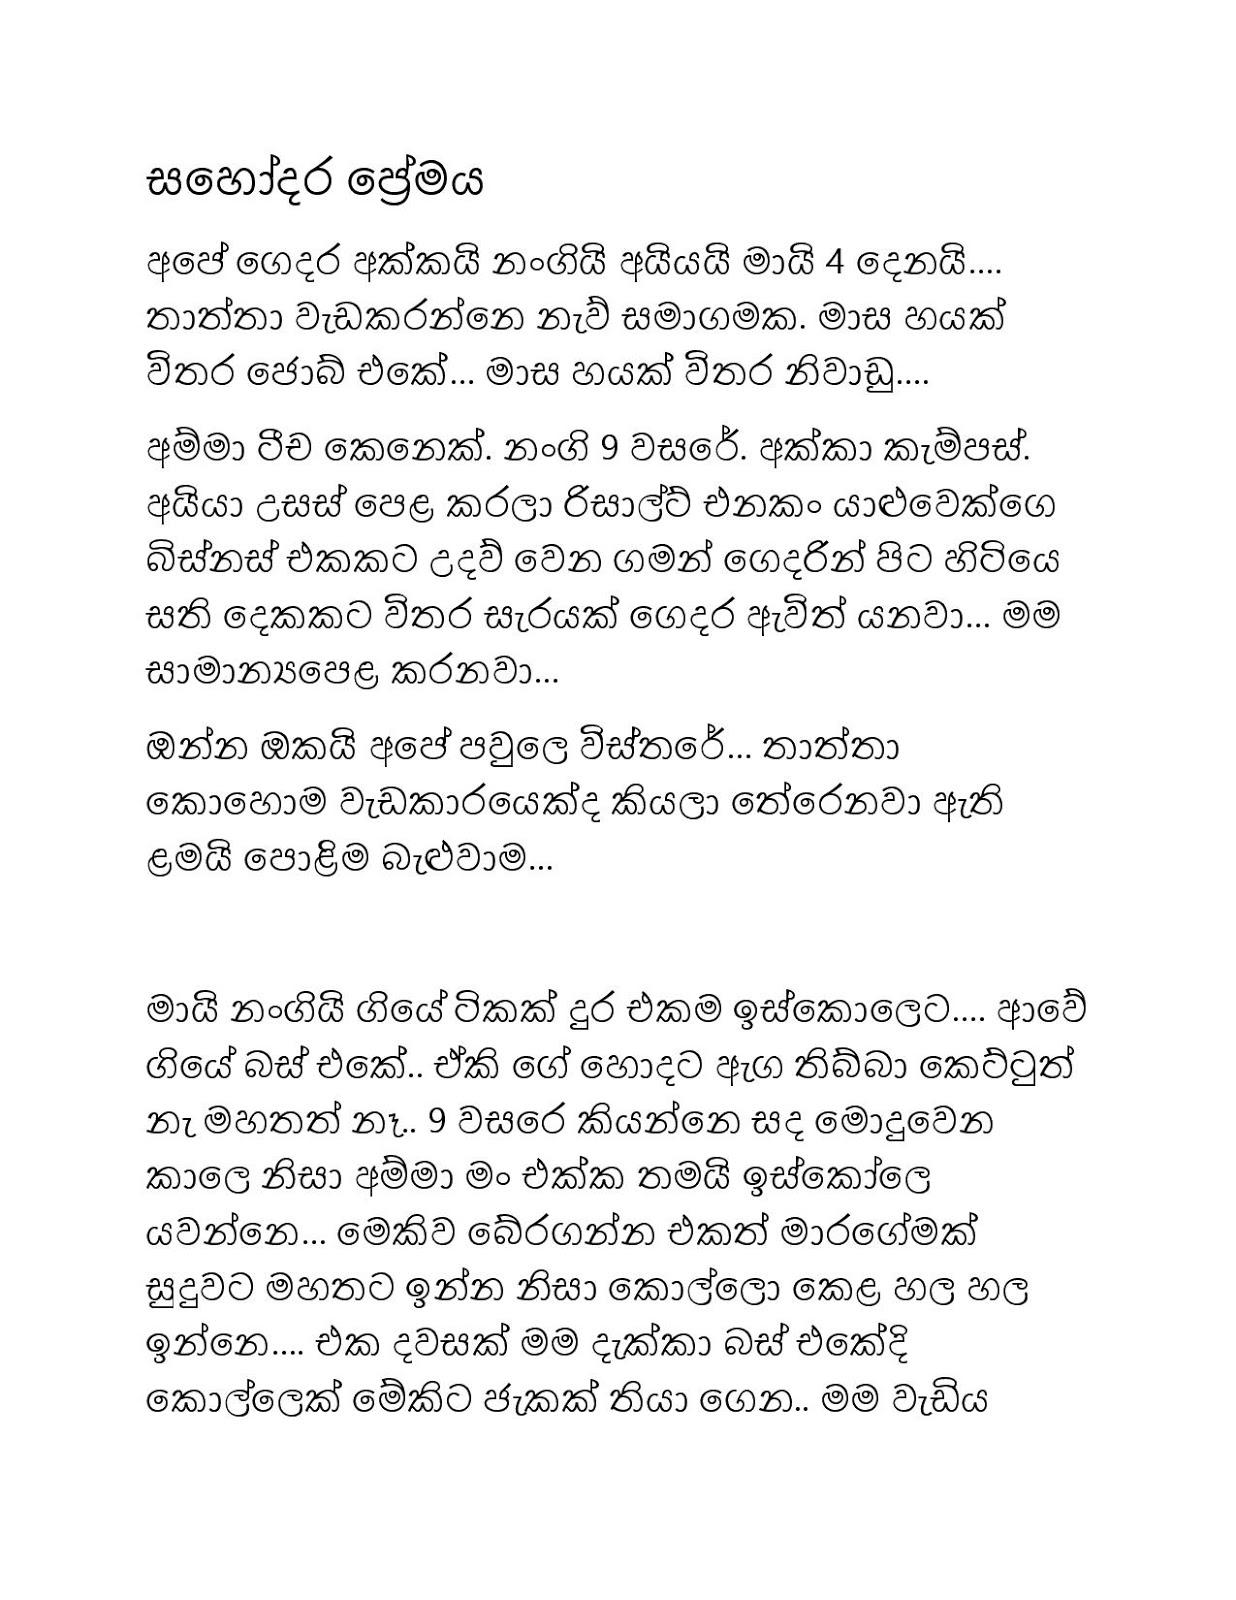 Sinhala Wal Katha: Nangige Jangiy